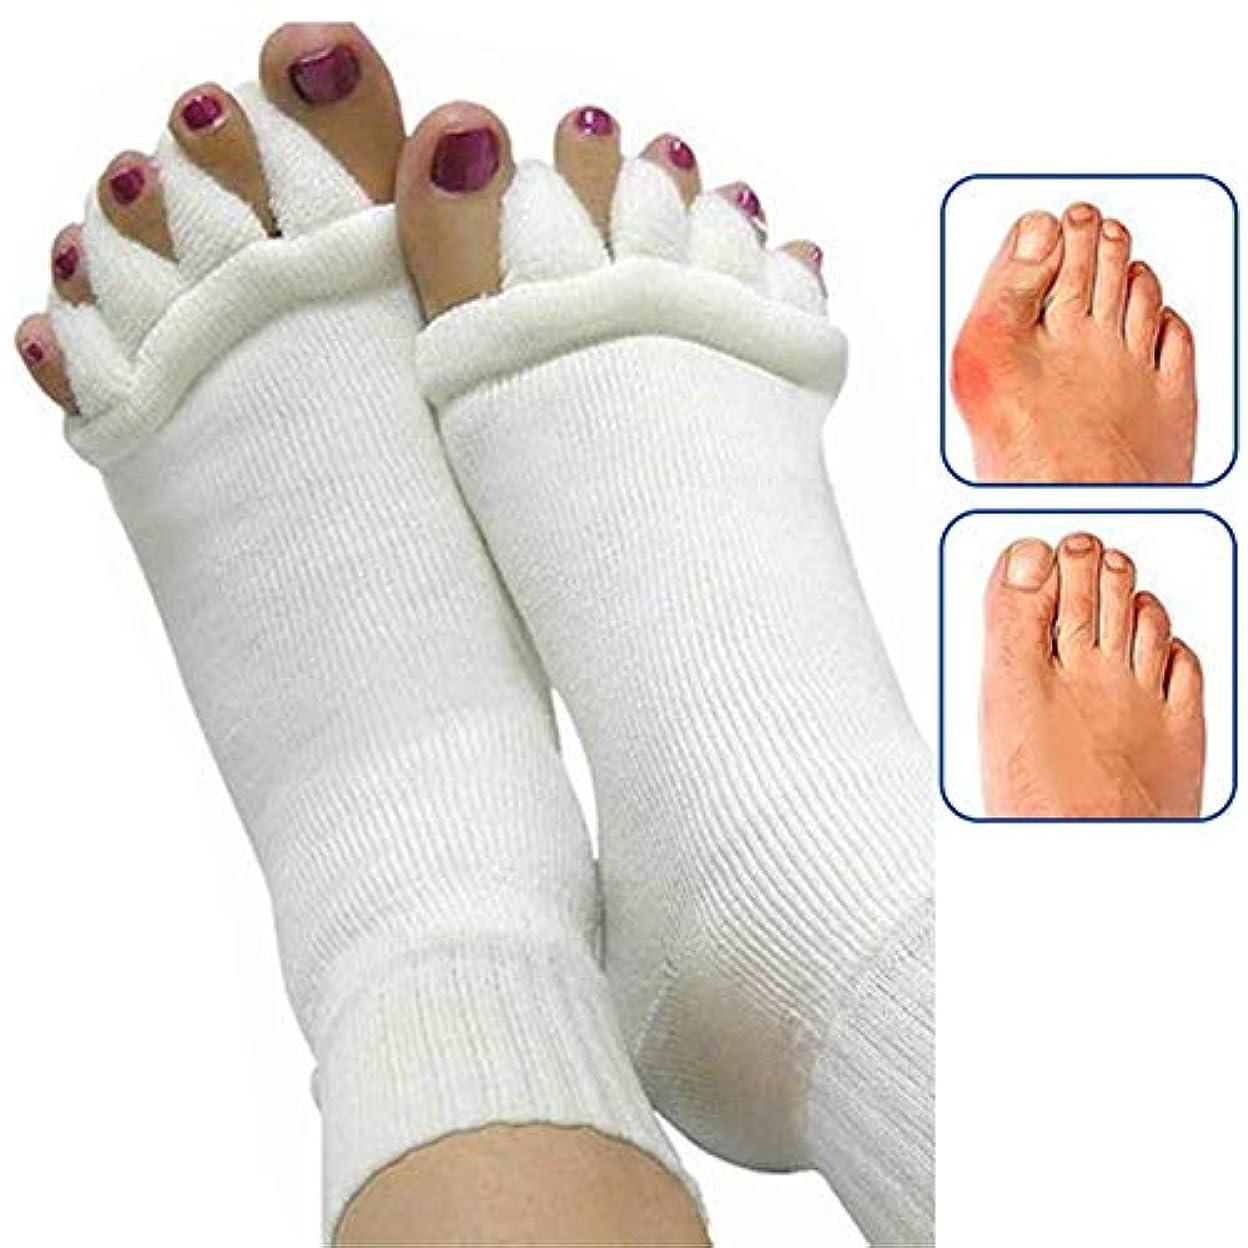 ジョージエリオット拮抗するうま女性のための1Pairフットマッサージャー足ソックス指セパレーターマッサージ健康フットケアコンプレッションソックス足足の痛みを軽減